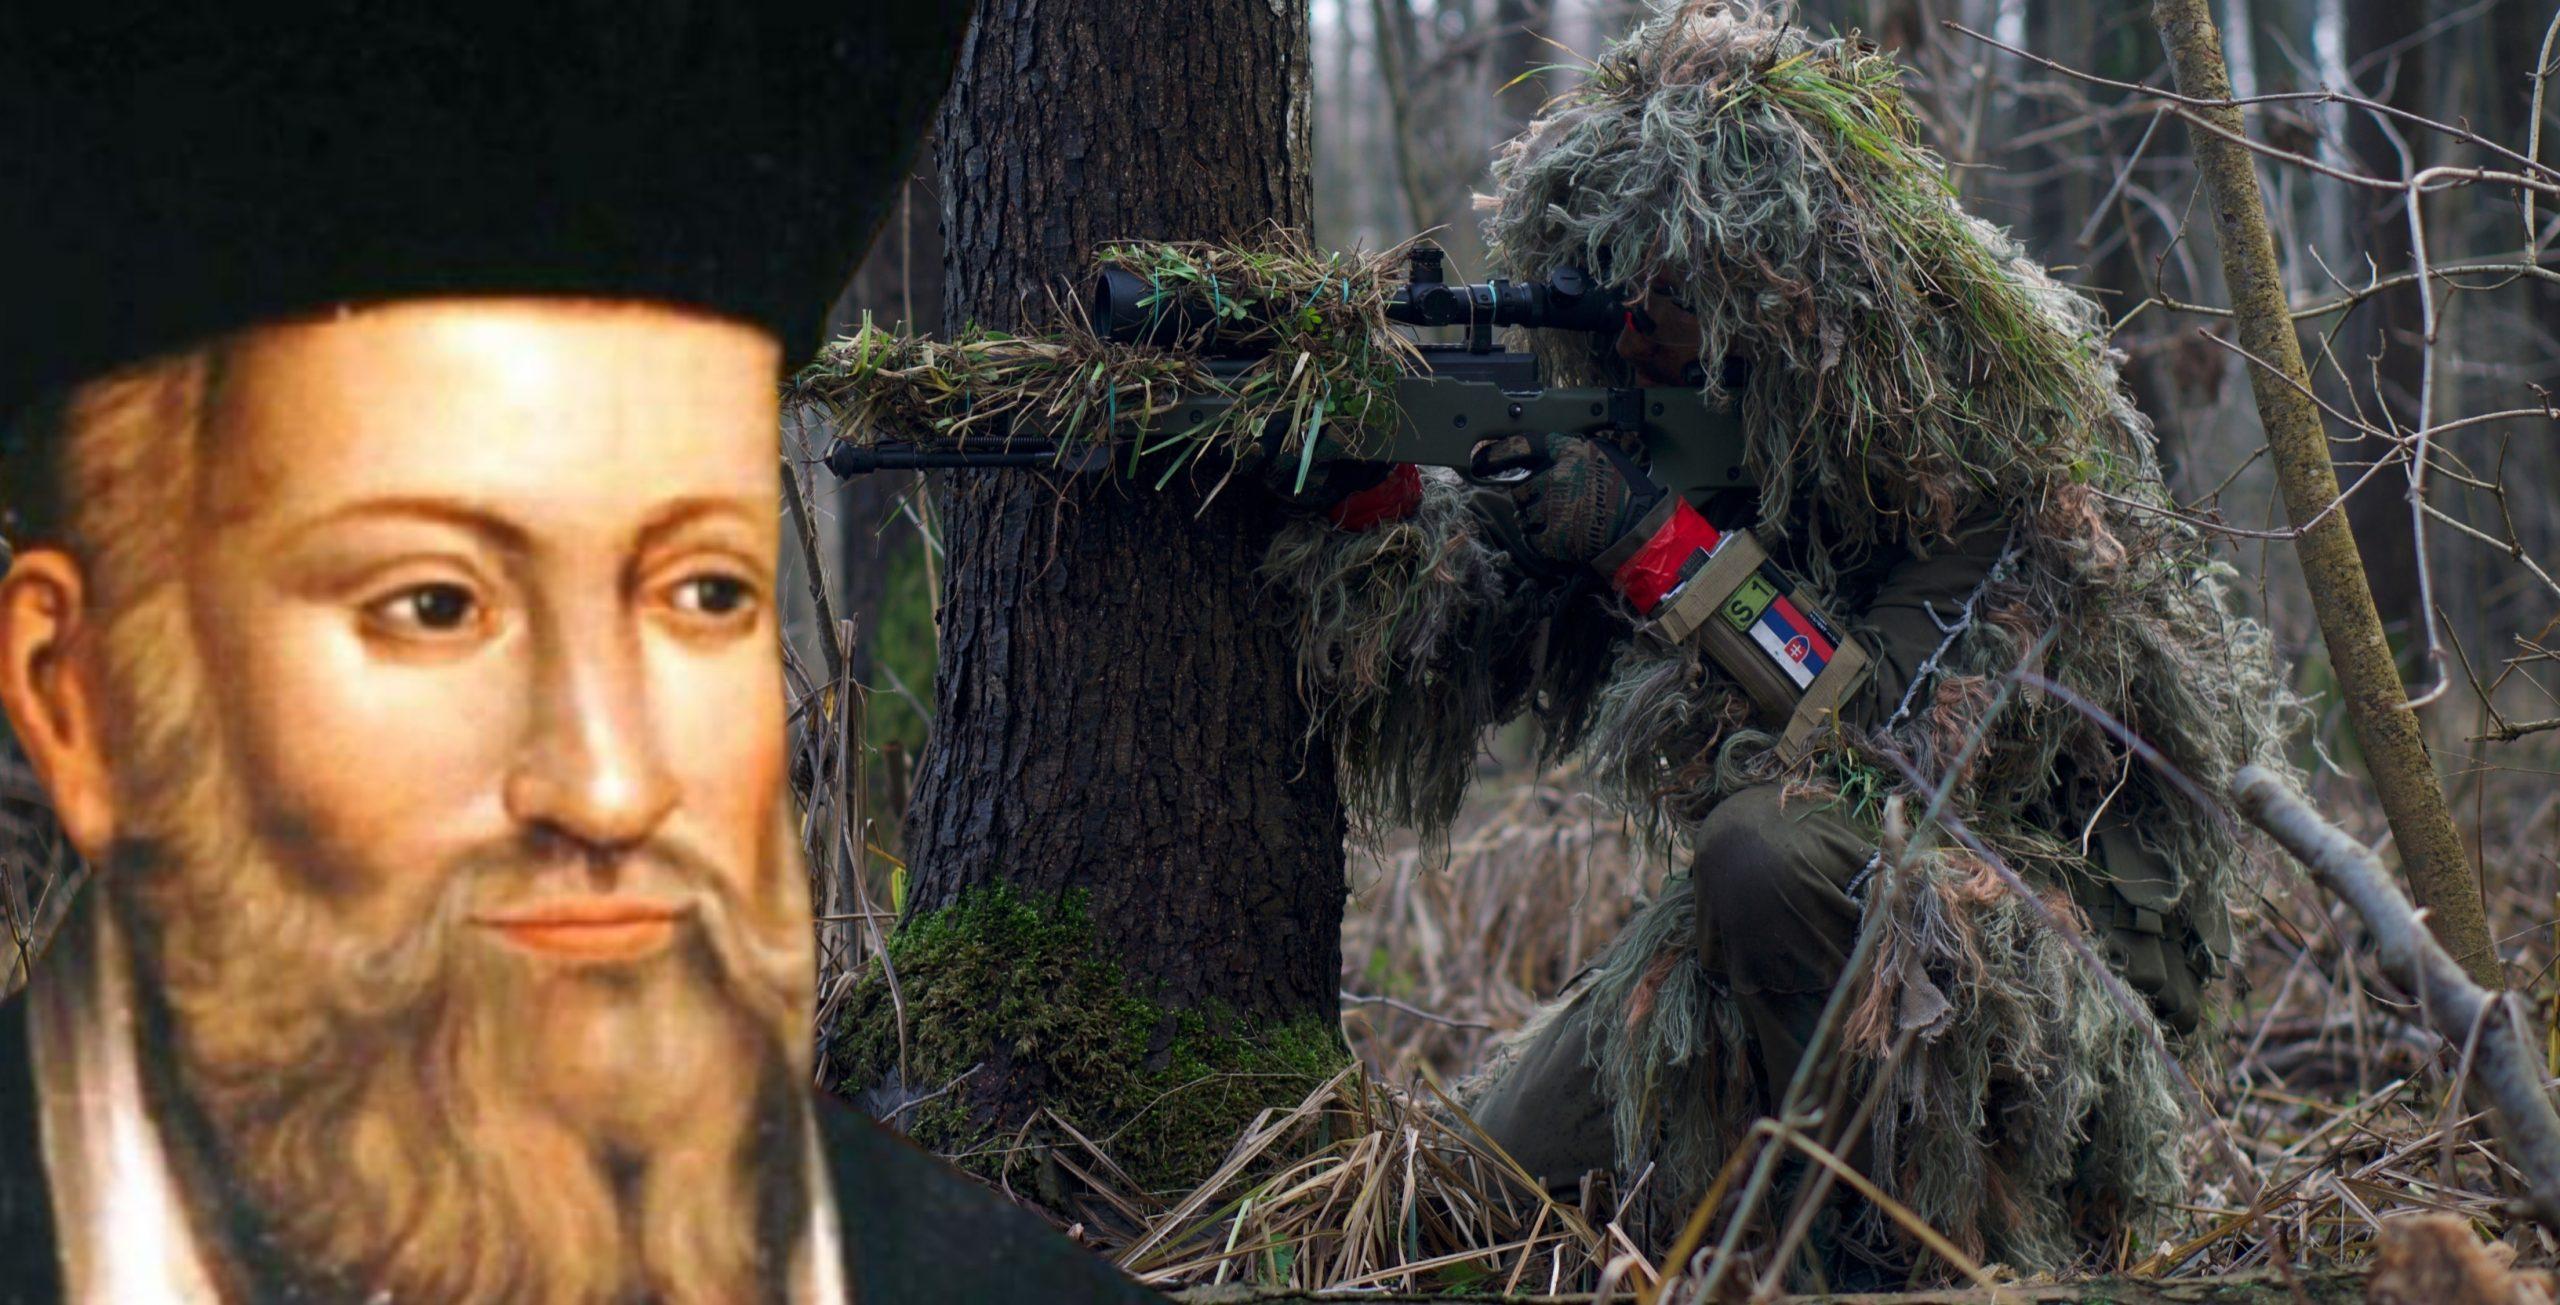 Nostradamus'un kehanetleri savas